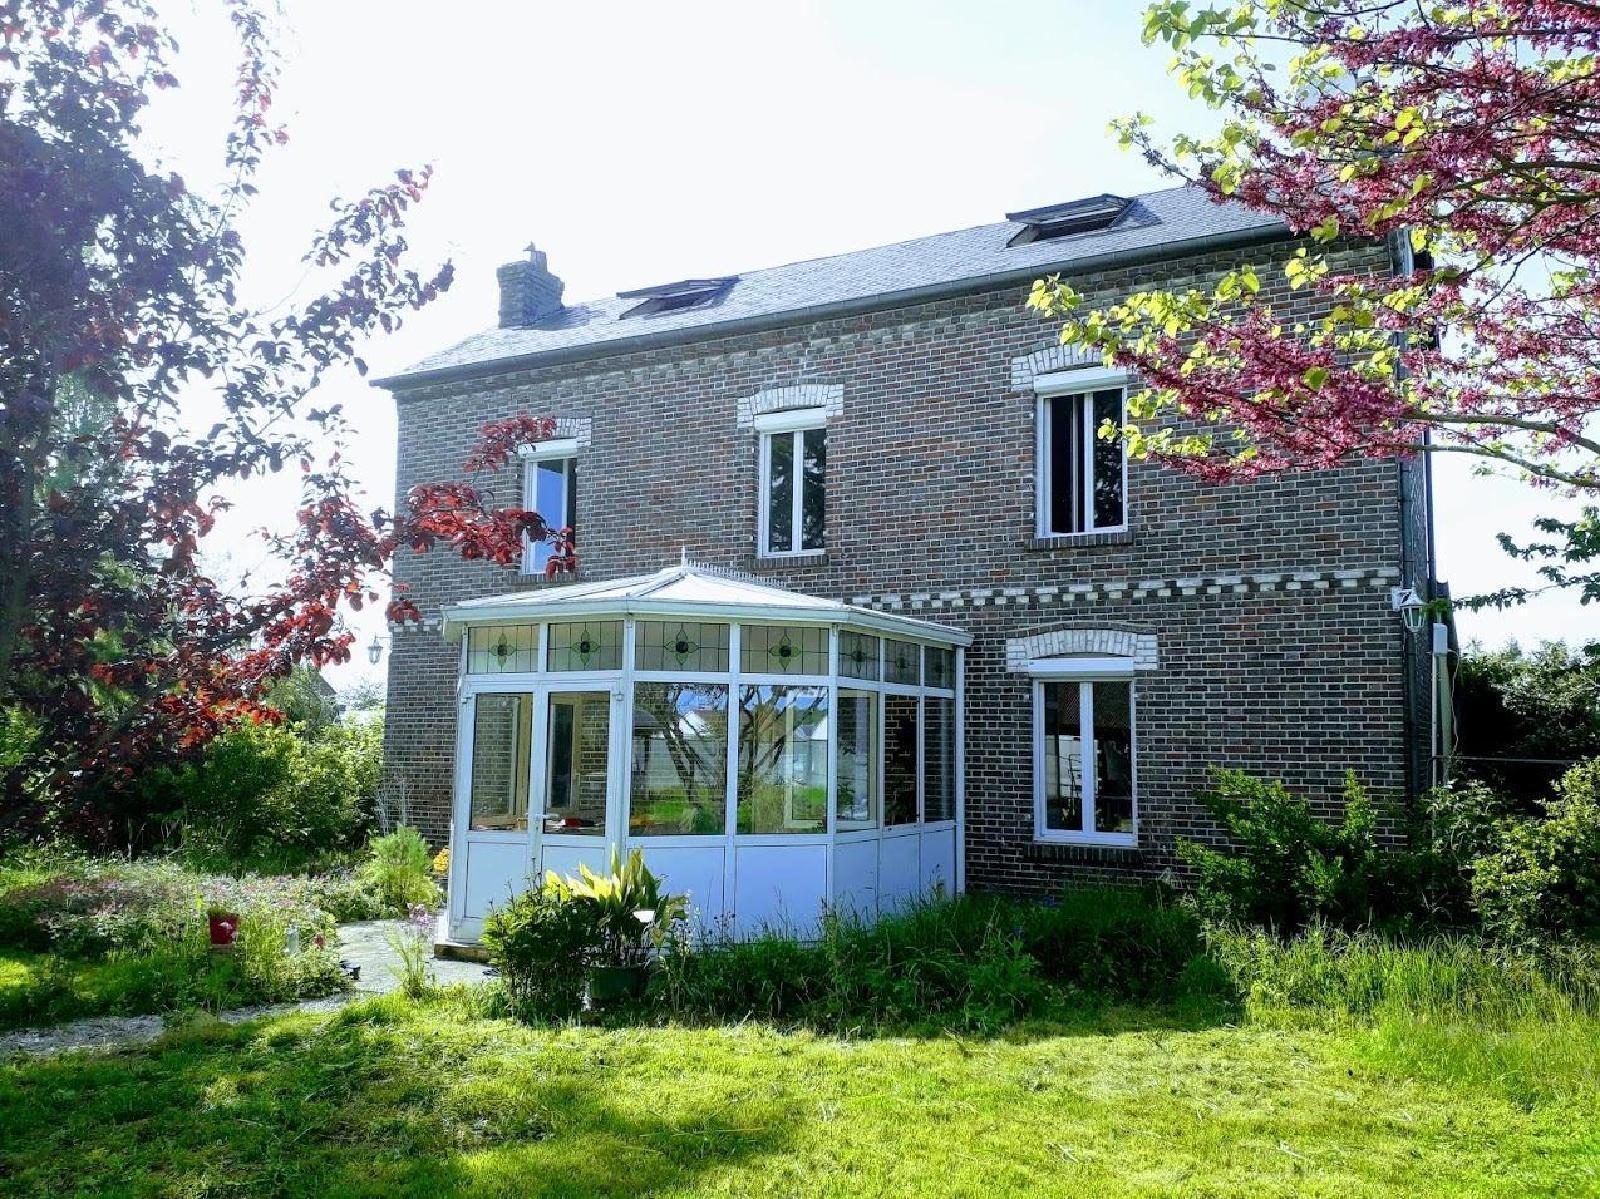 À Vendre | Ventes Immobilier | Immobilier Normandie | Biens ... tout Piscine Evreux Jean Bouin